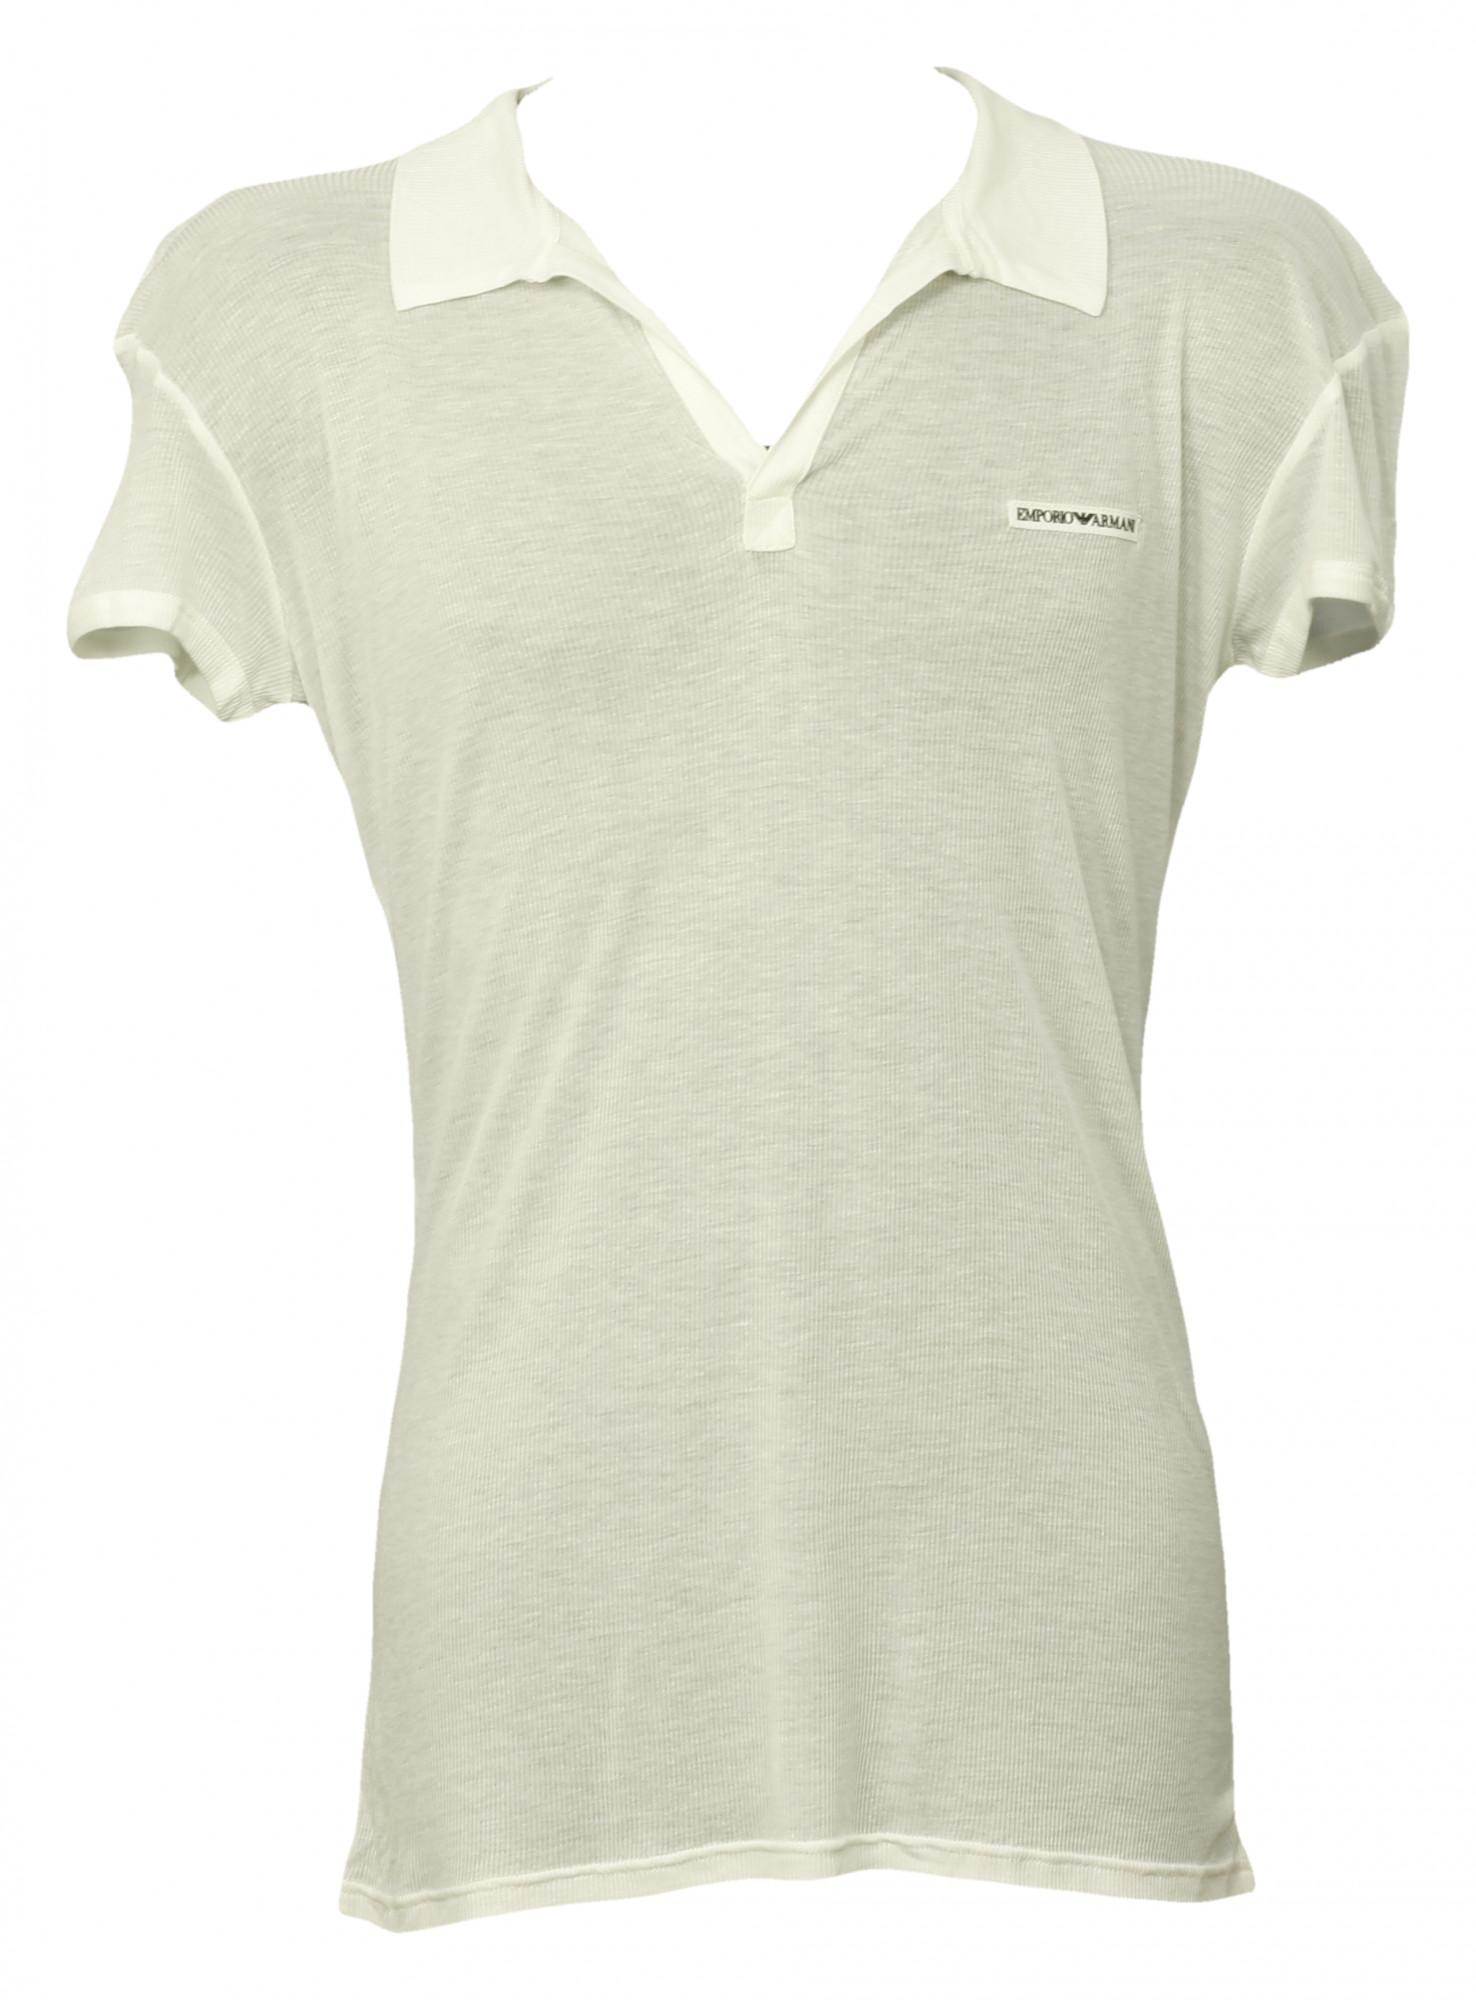 Pánské tričko 9S449 - Emporio Armani Barva: bílá, Velikost: 54